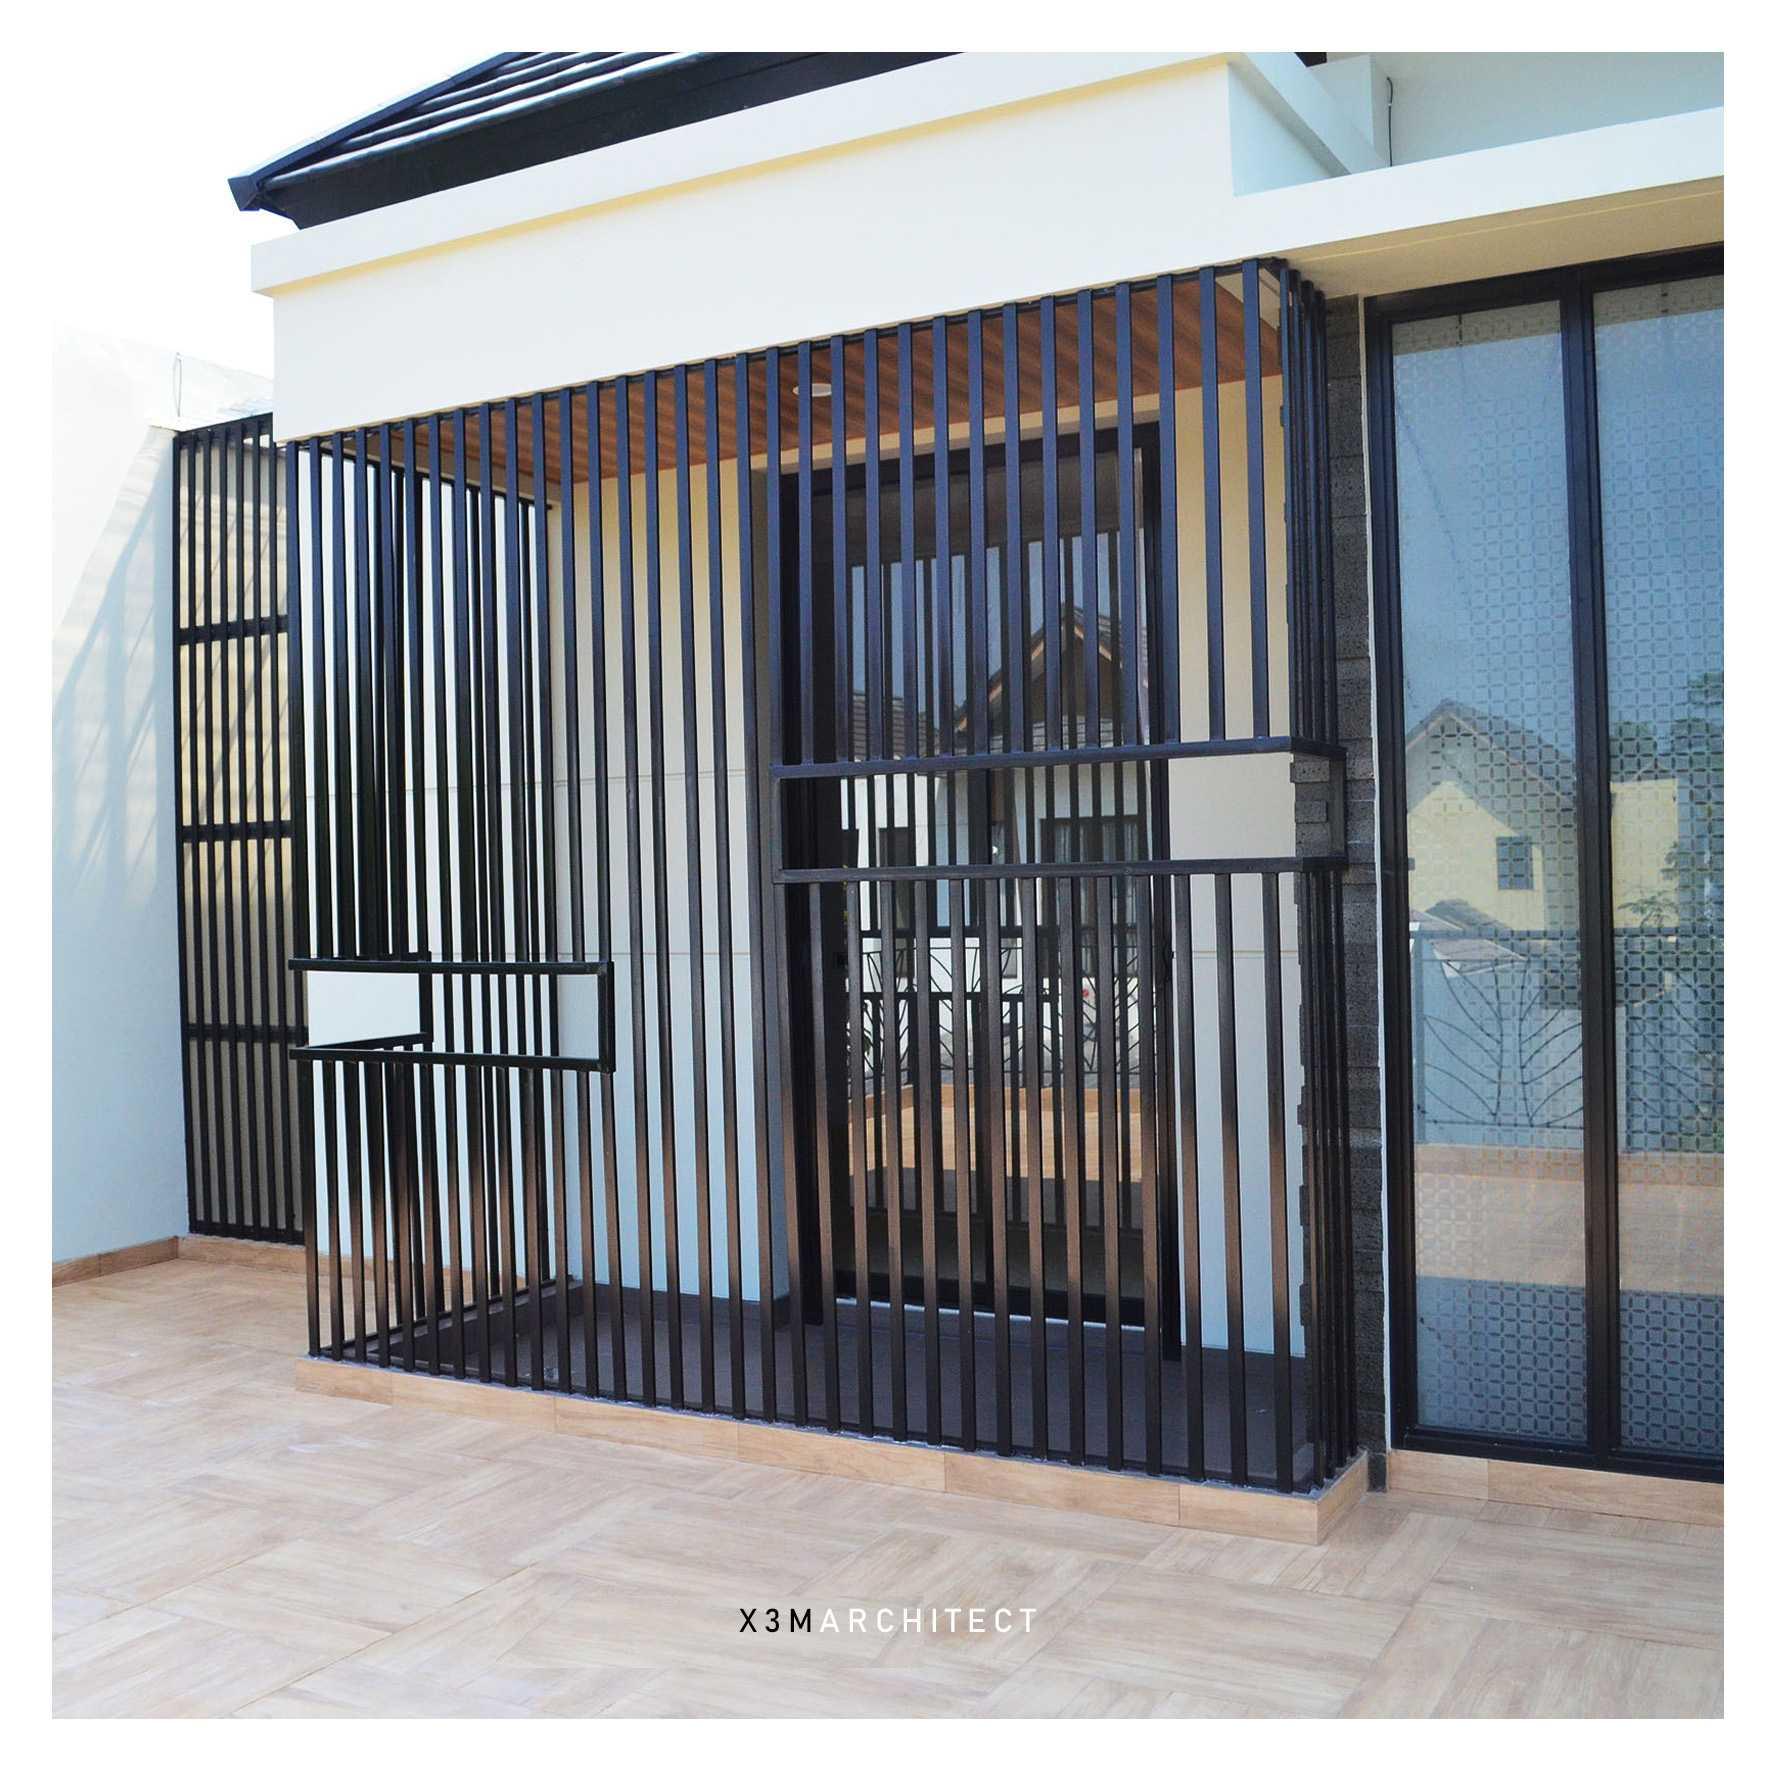 X3M Architects Nittaya A5 1 House Sampora, Kec. Cisauk, Tangerang, Banten 15345, Indonesia Sampora, Kec. Cisauk, Tangerang, Banten 15345, Indonesia X3M-Architects-Nittaya-A5-1  75978